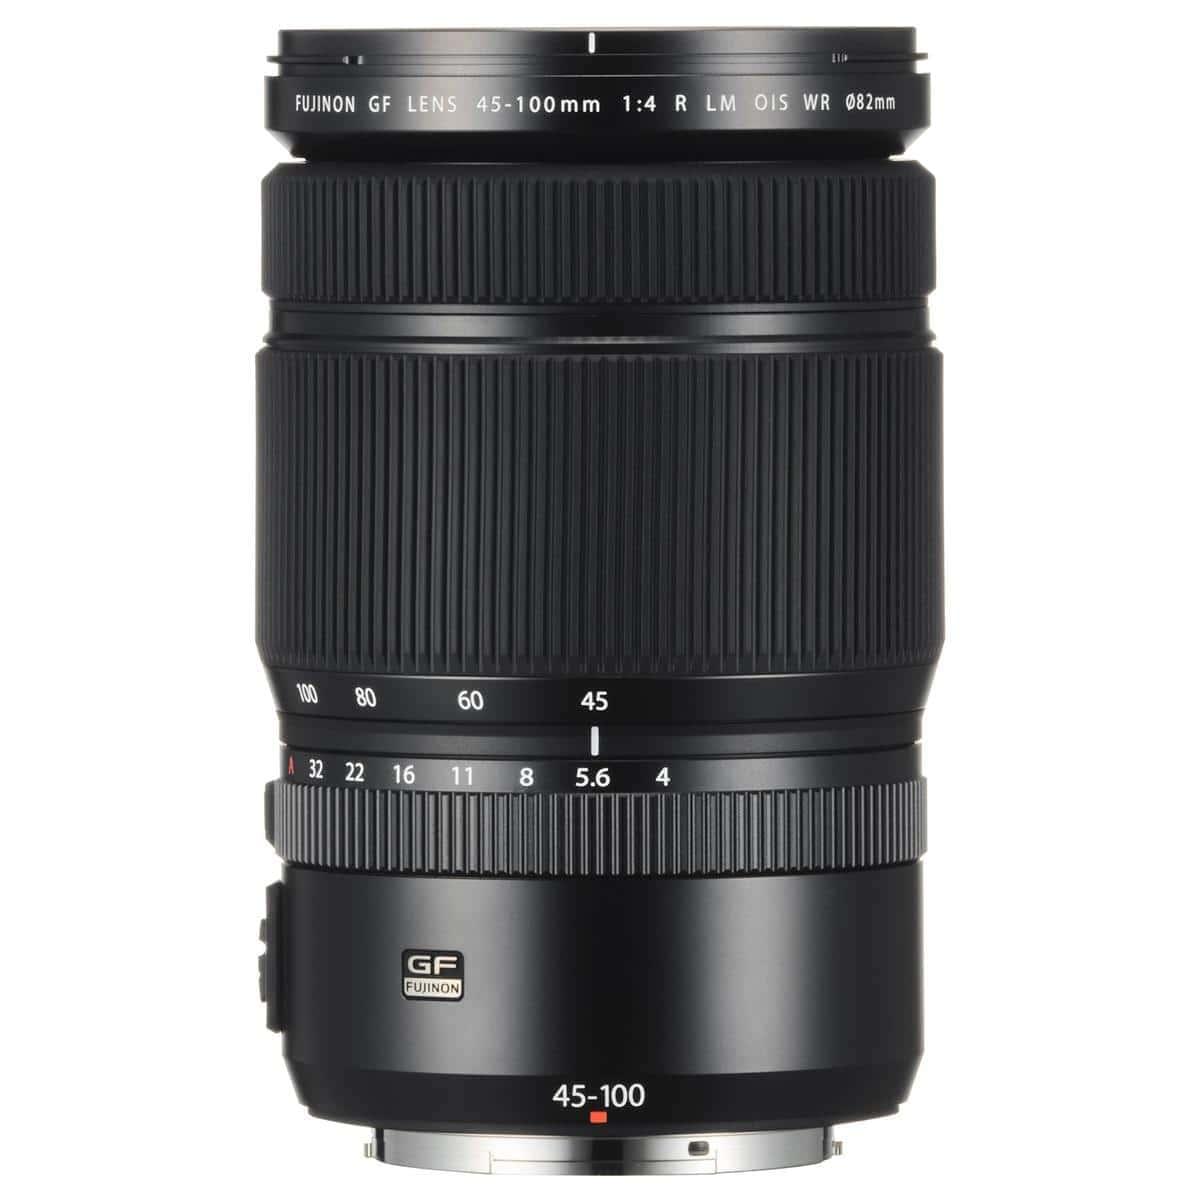 Fujifilm GF 45-100mm F4 R LM WR Zoom Lens